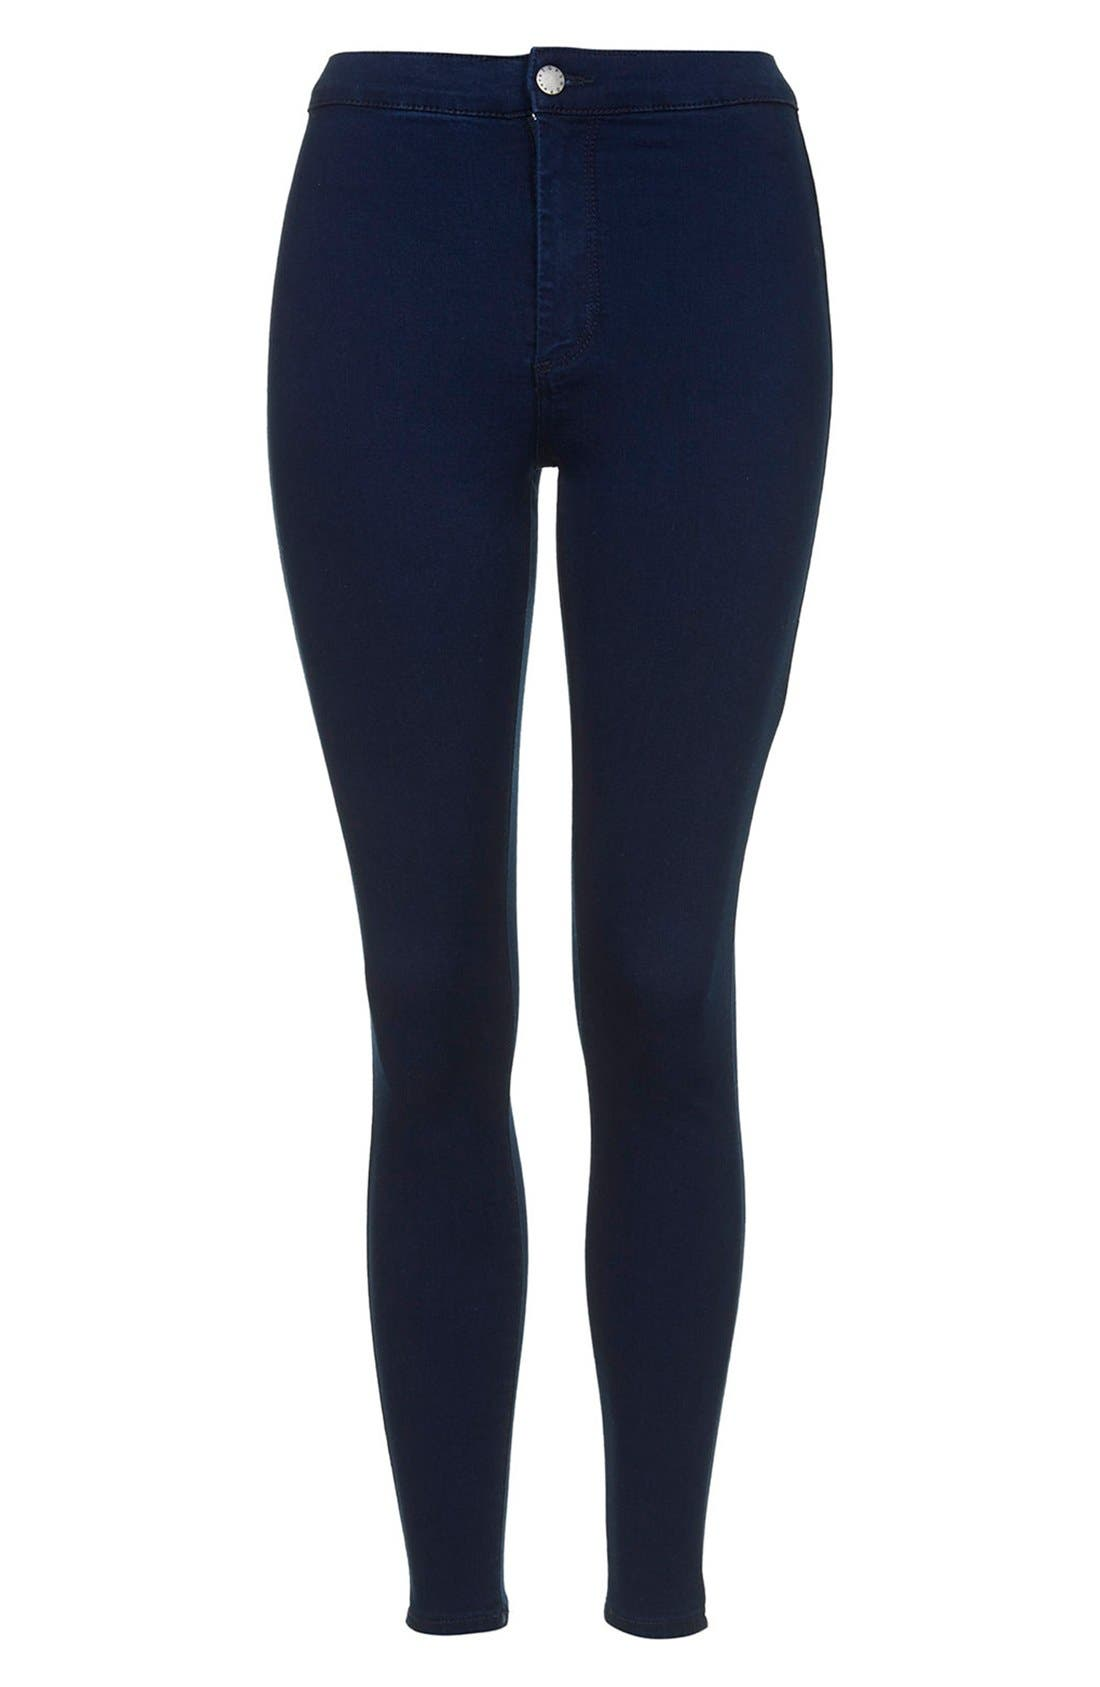 Alternate Image 3  - Topshop Moto 'Joni' High Rise Jeans (Blue) (Petite)